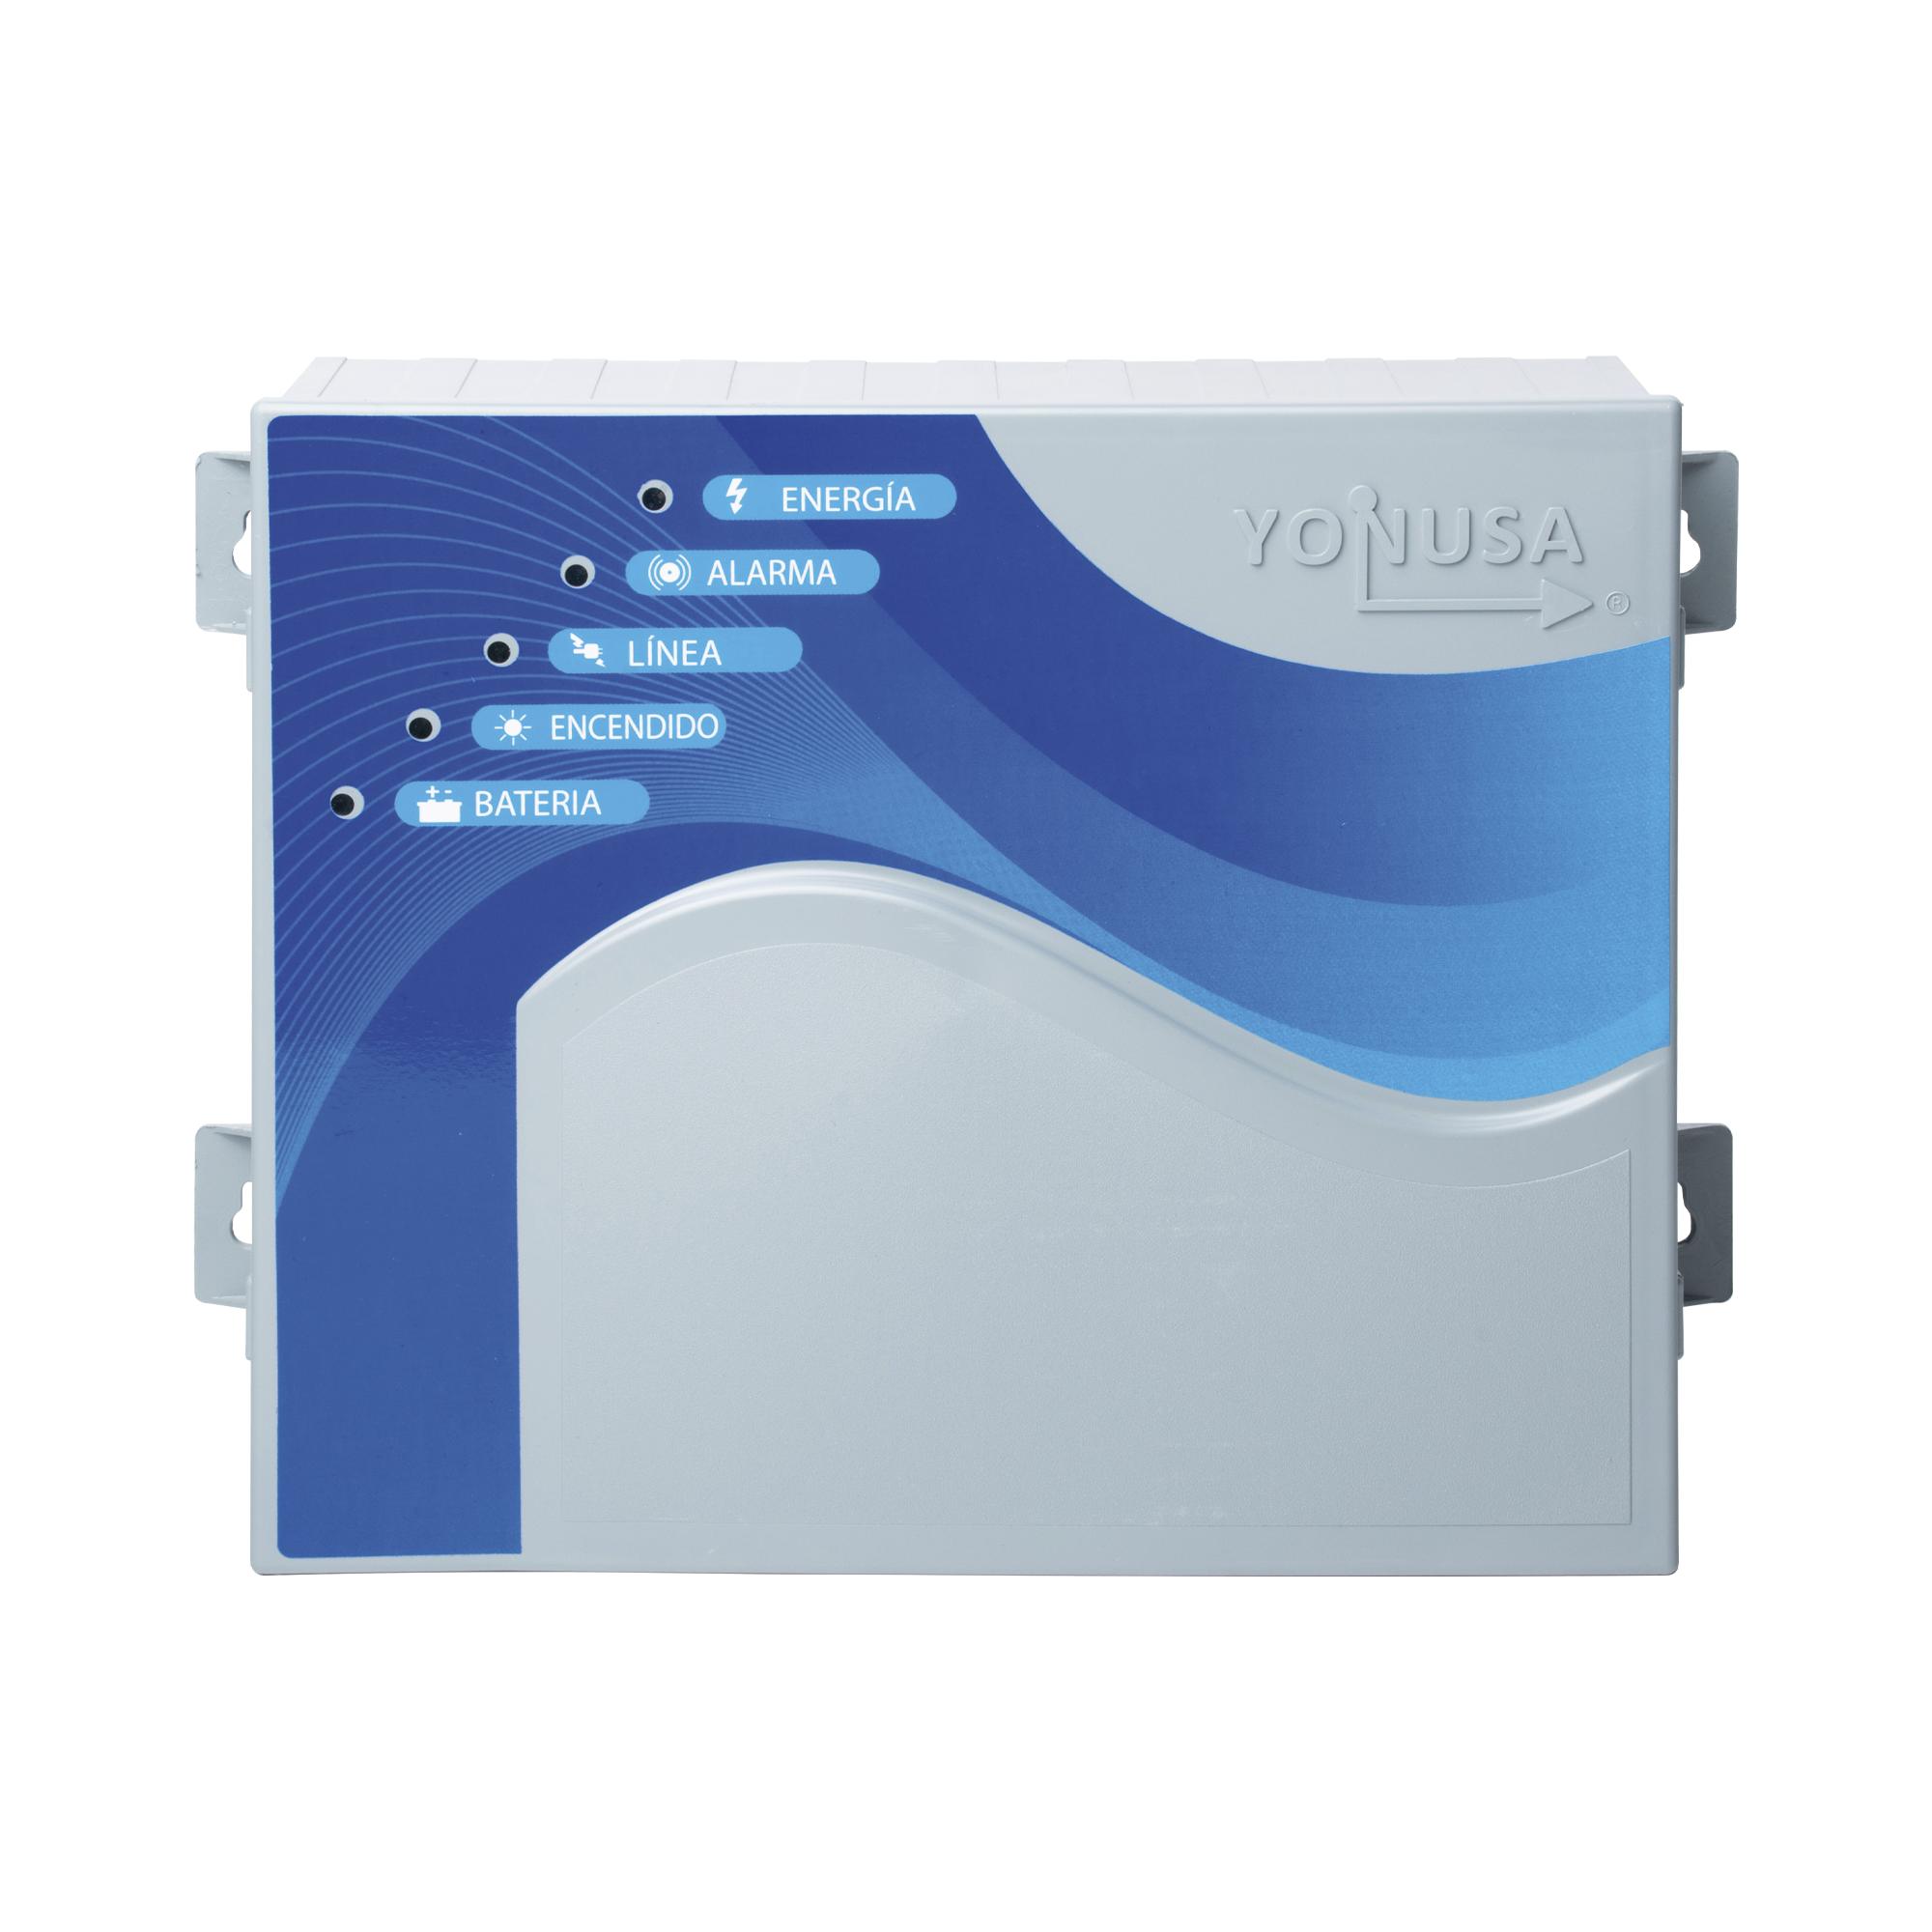 Energizador ANTIPLANTAS de 10,000Volts-1.2JOULES/10000 Metros lineales de protección/Activado por Atenuación de voltaje,Corte de línea o Aterrizamiento de la línea/Integración a panel de Alarma.